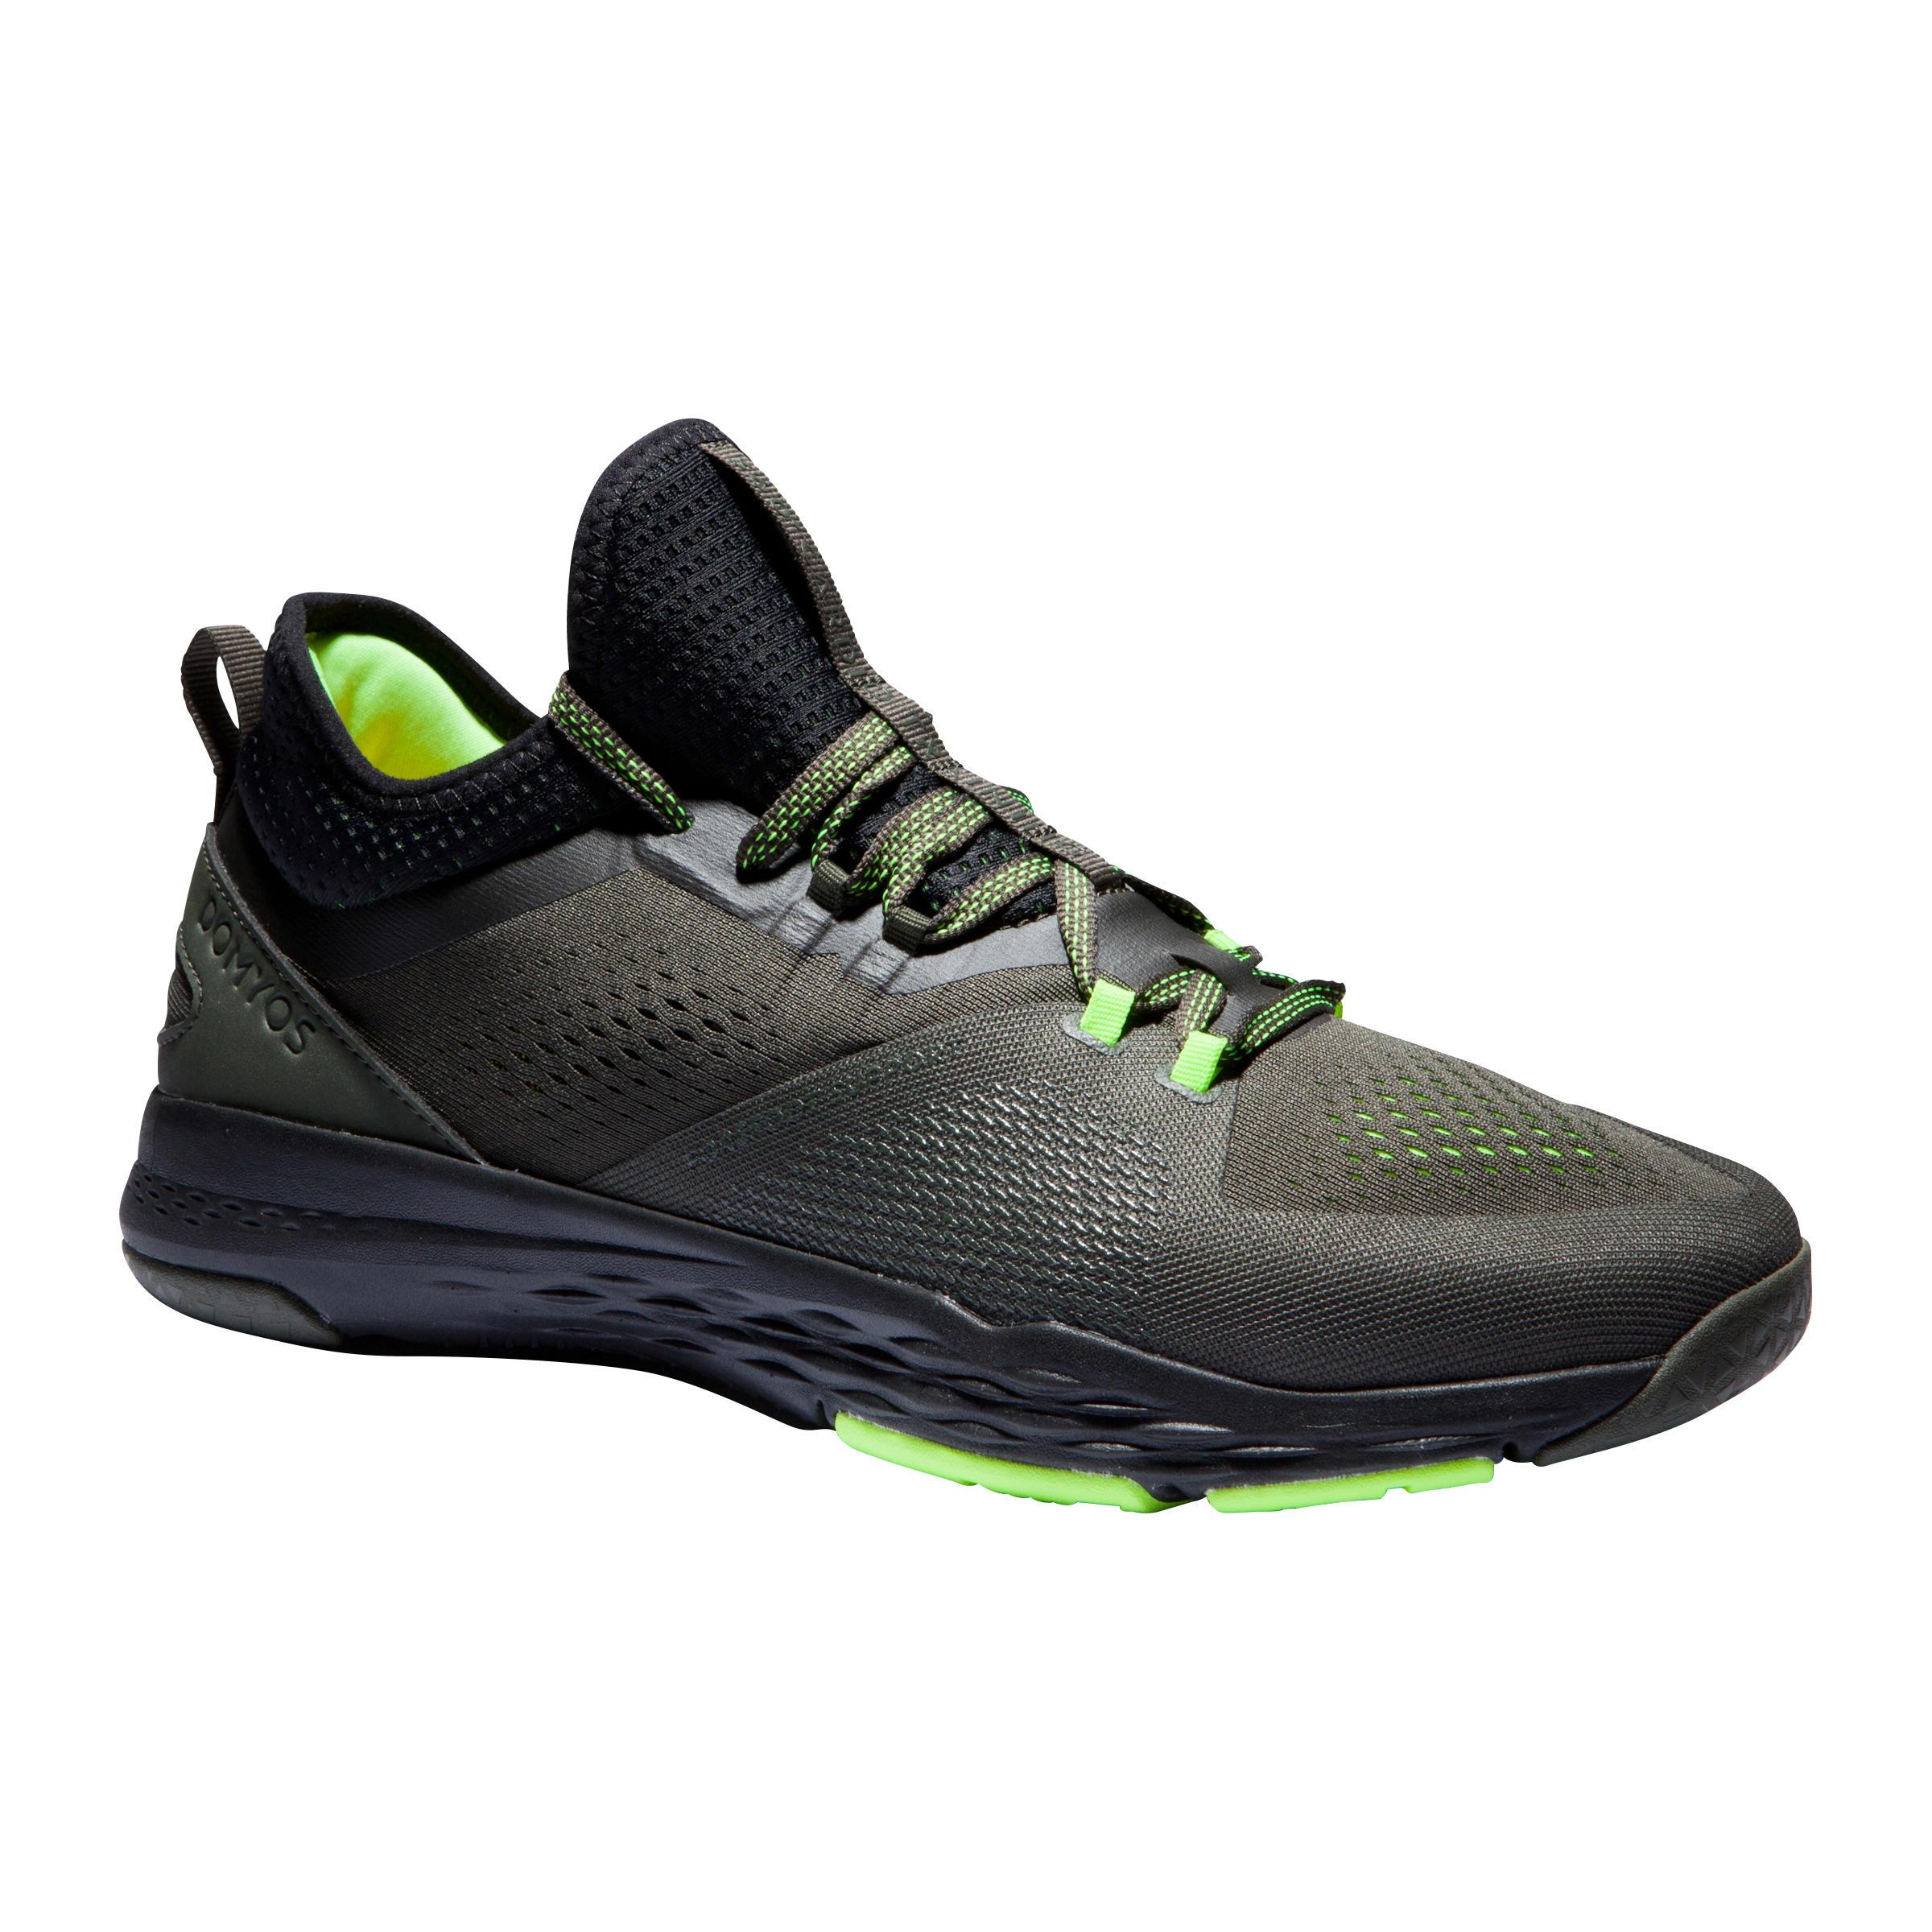 624f1919b6d Domyos Fitness schoenen 920 cardiotraining voor heren